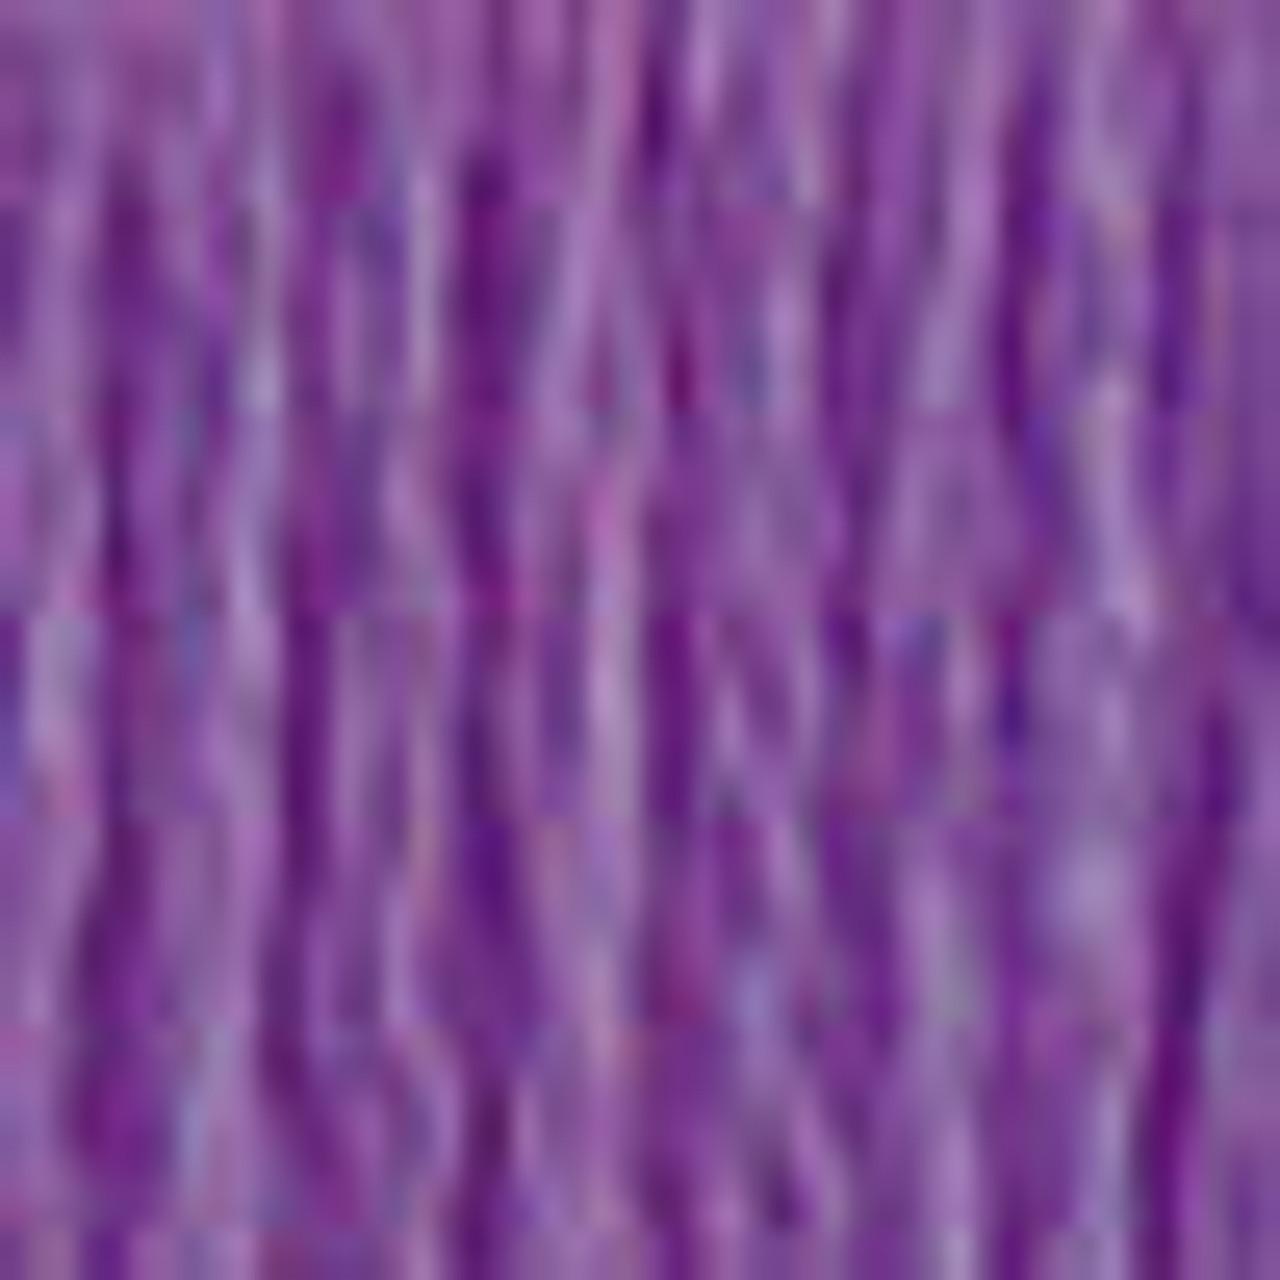 DMC # 3837 Ultra Dark Lavender Floss / Thread